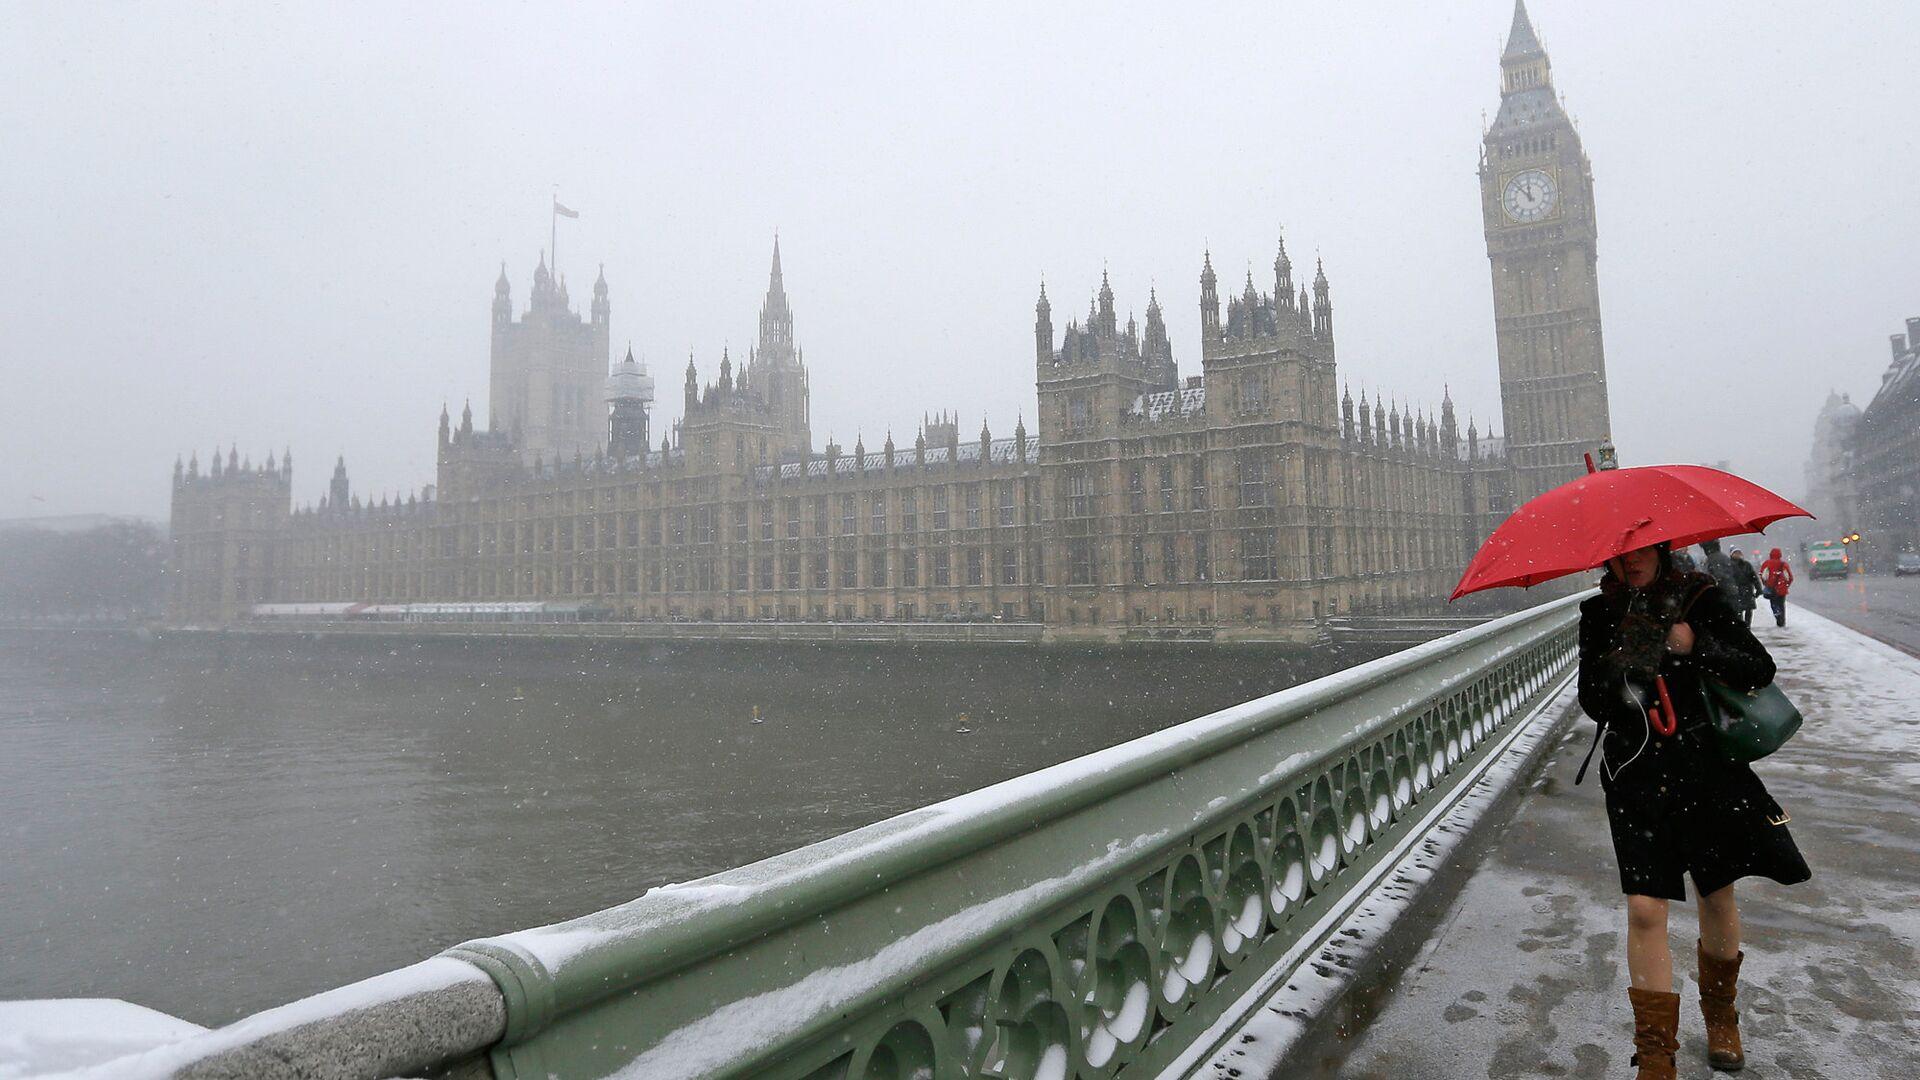 Снегопад в Лондоне - РИА Новости, 1920, 07.12.2020